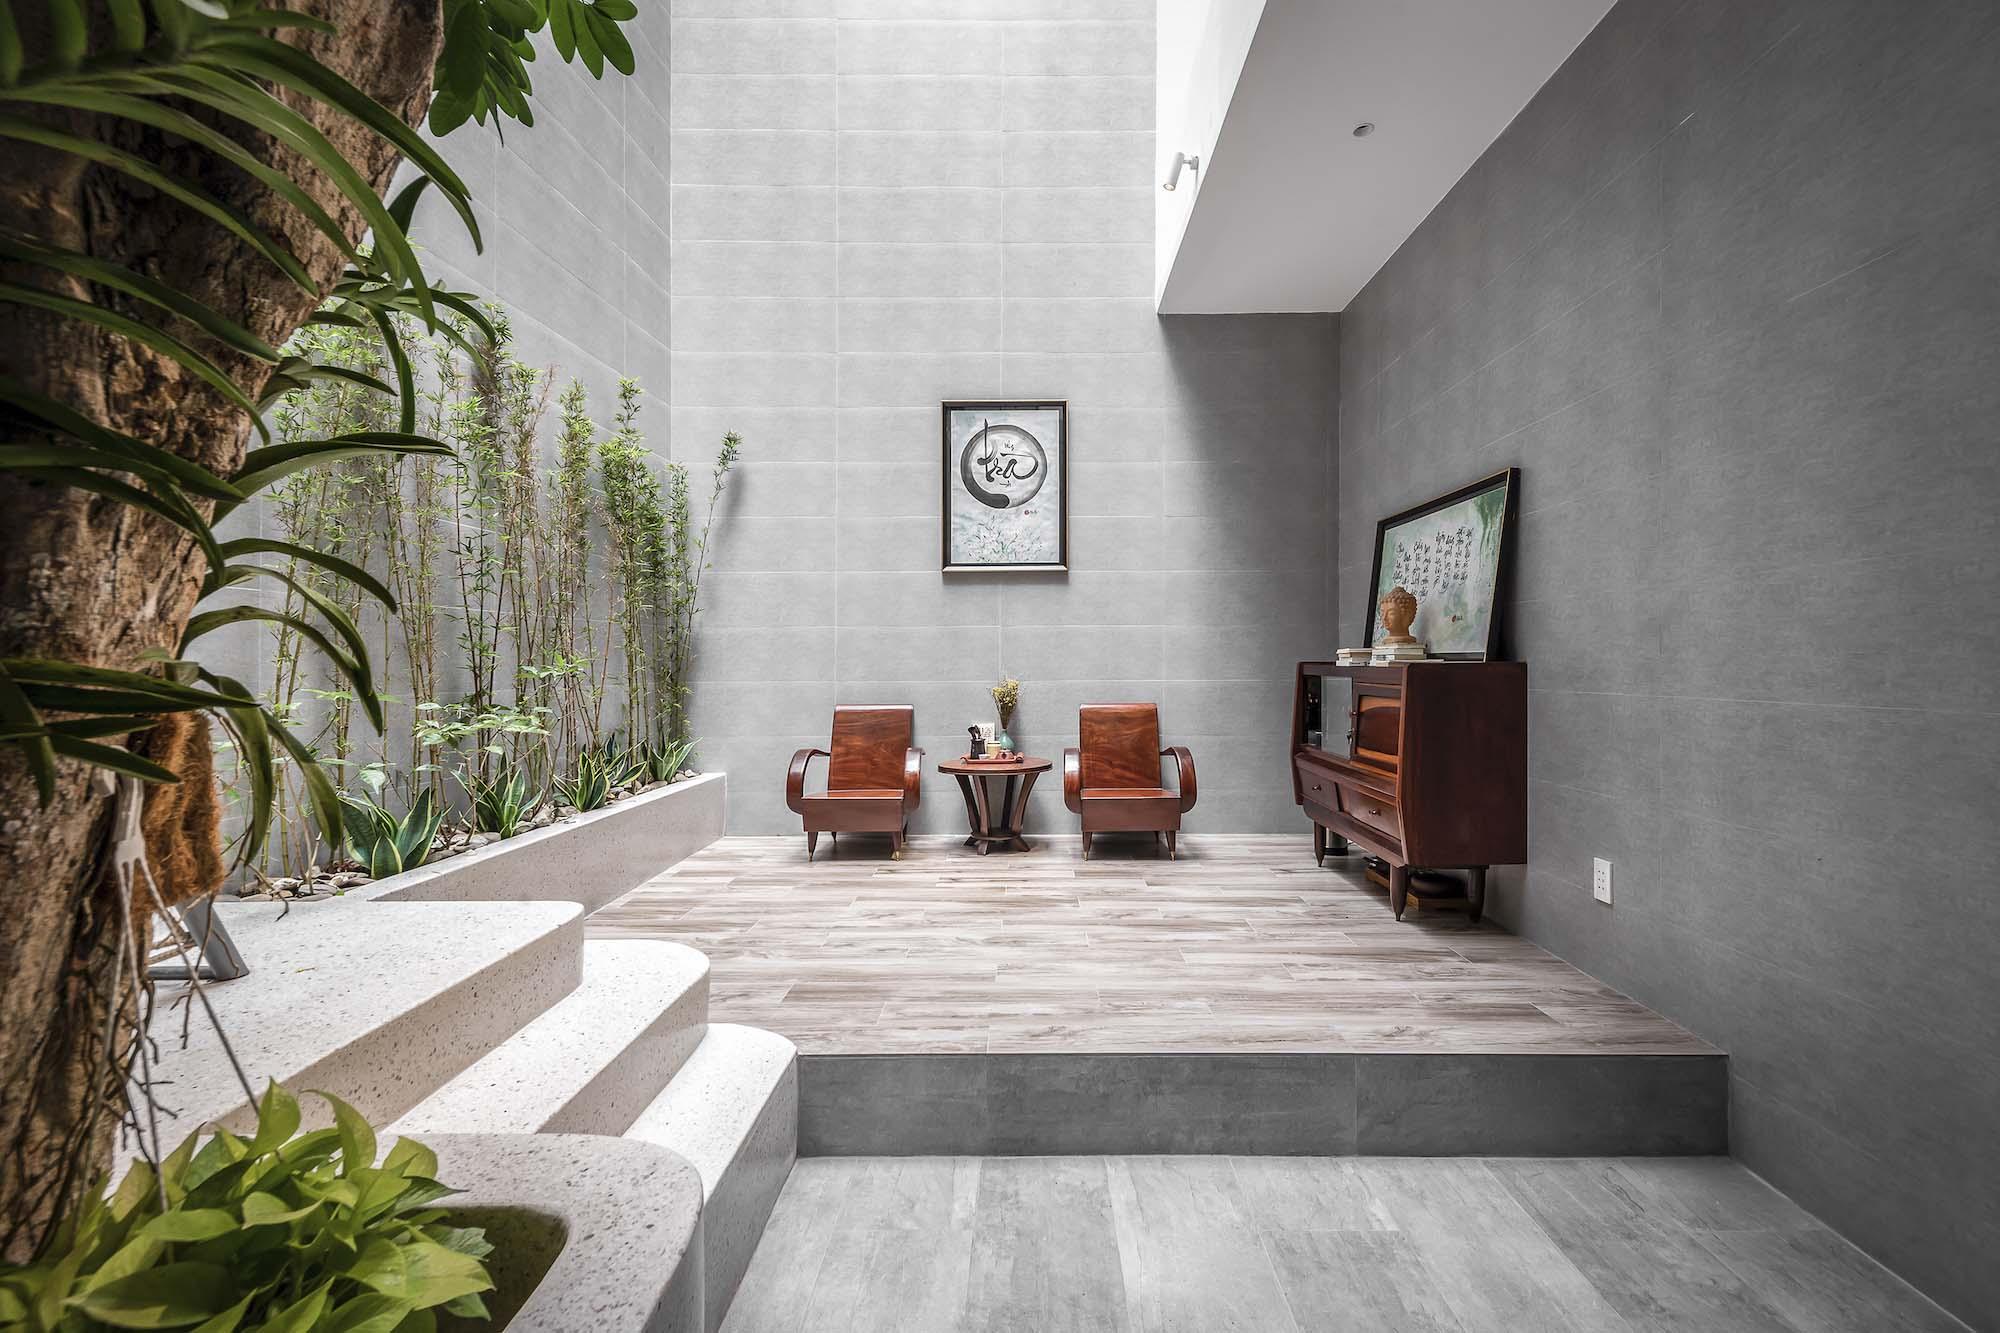 Không gian uống trà của gia chủ nằm phía sau nhà, ngay dưới khoảng thông tầng, xung quanh có cây xanh.